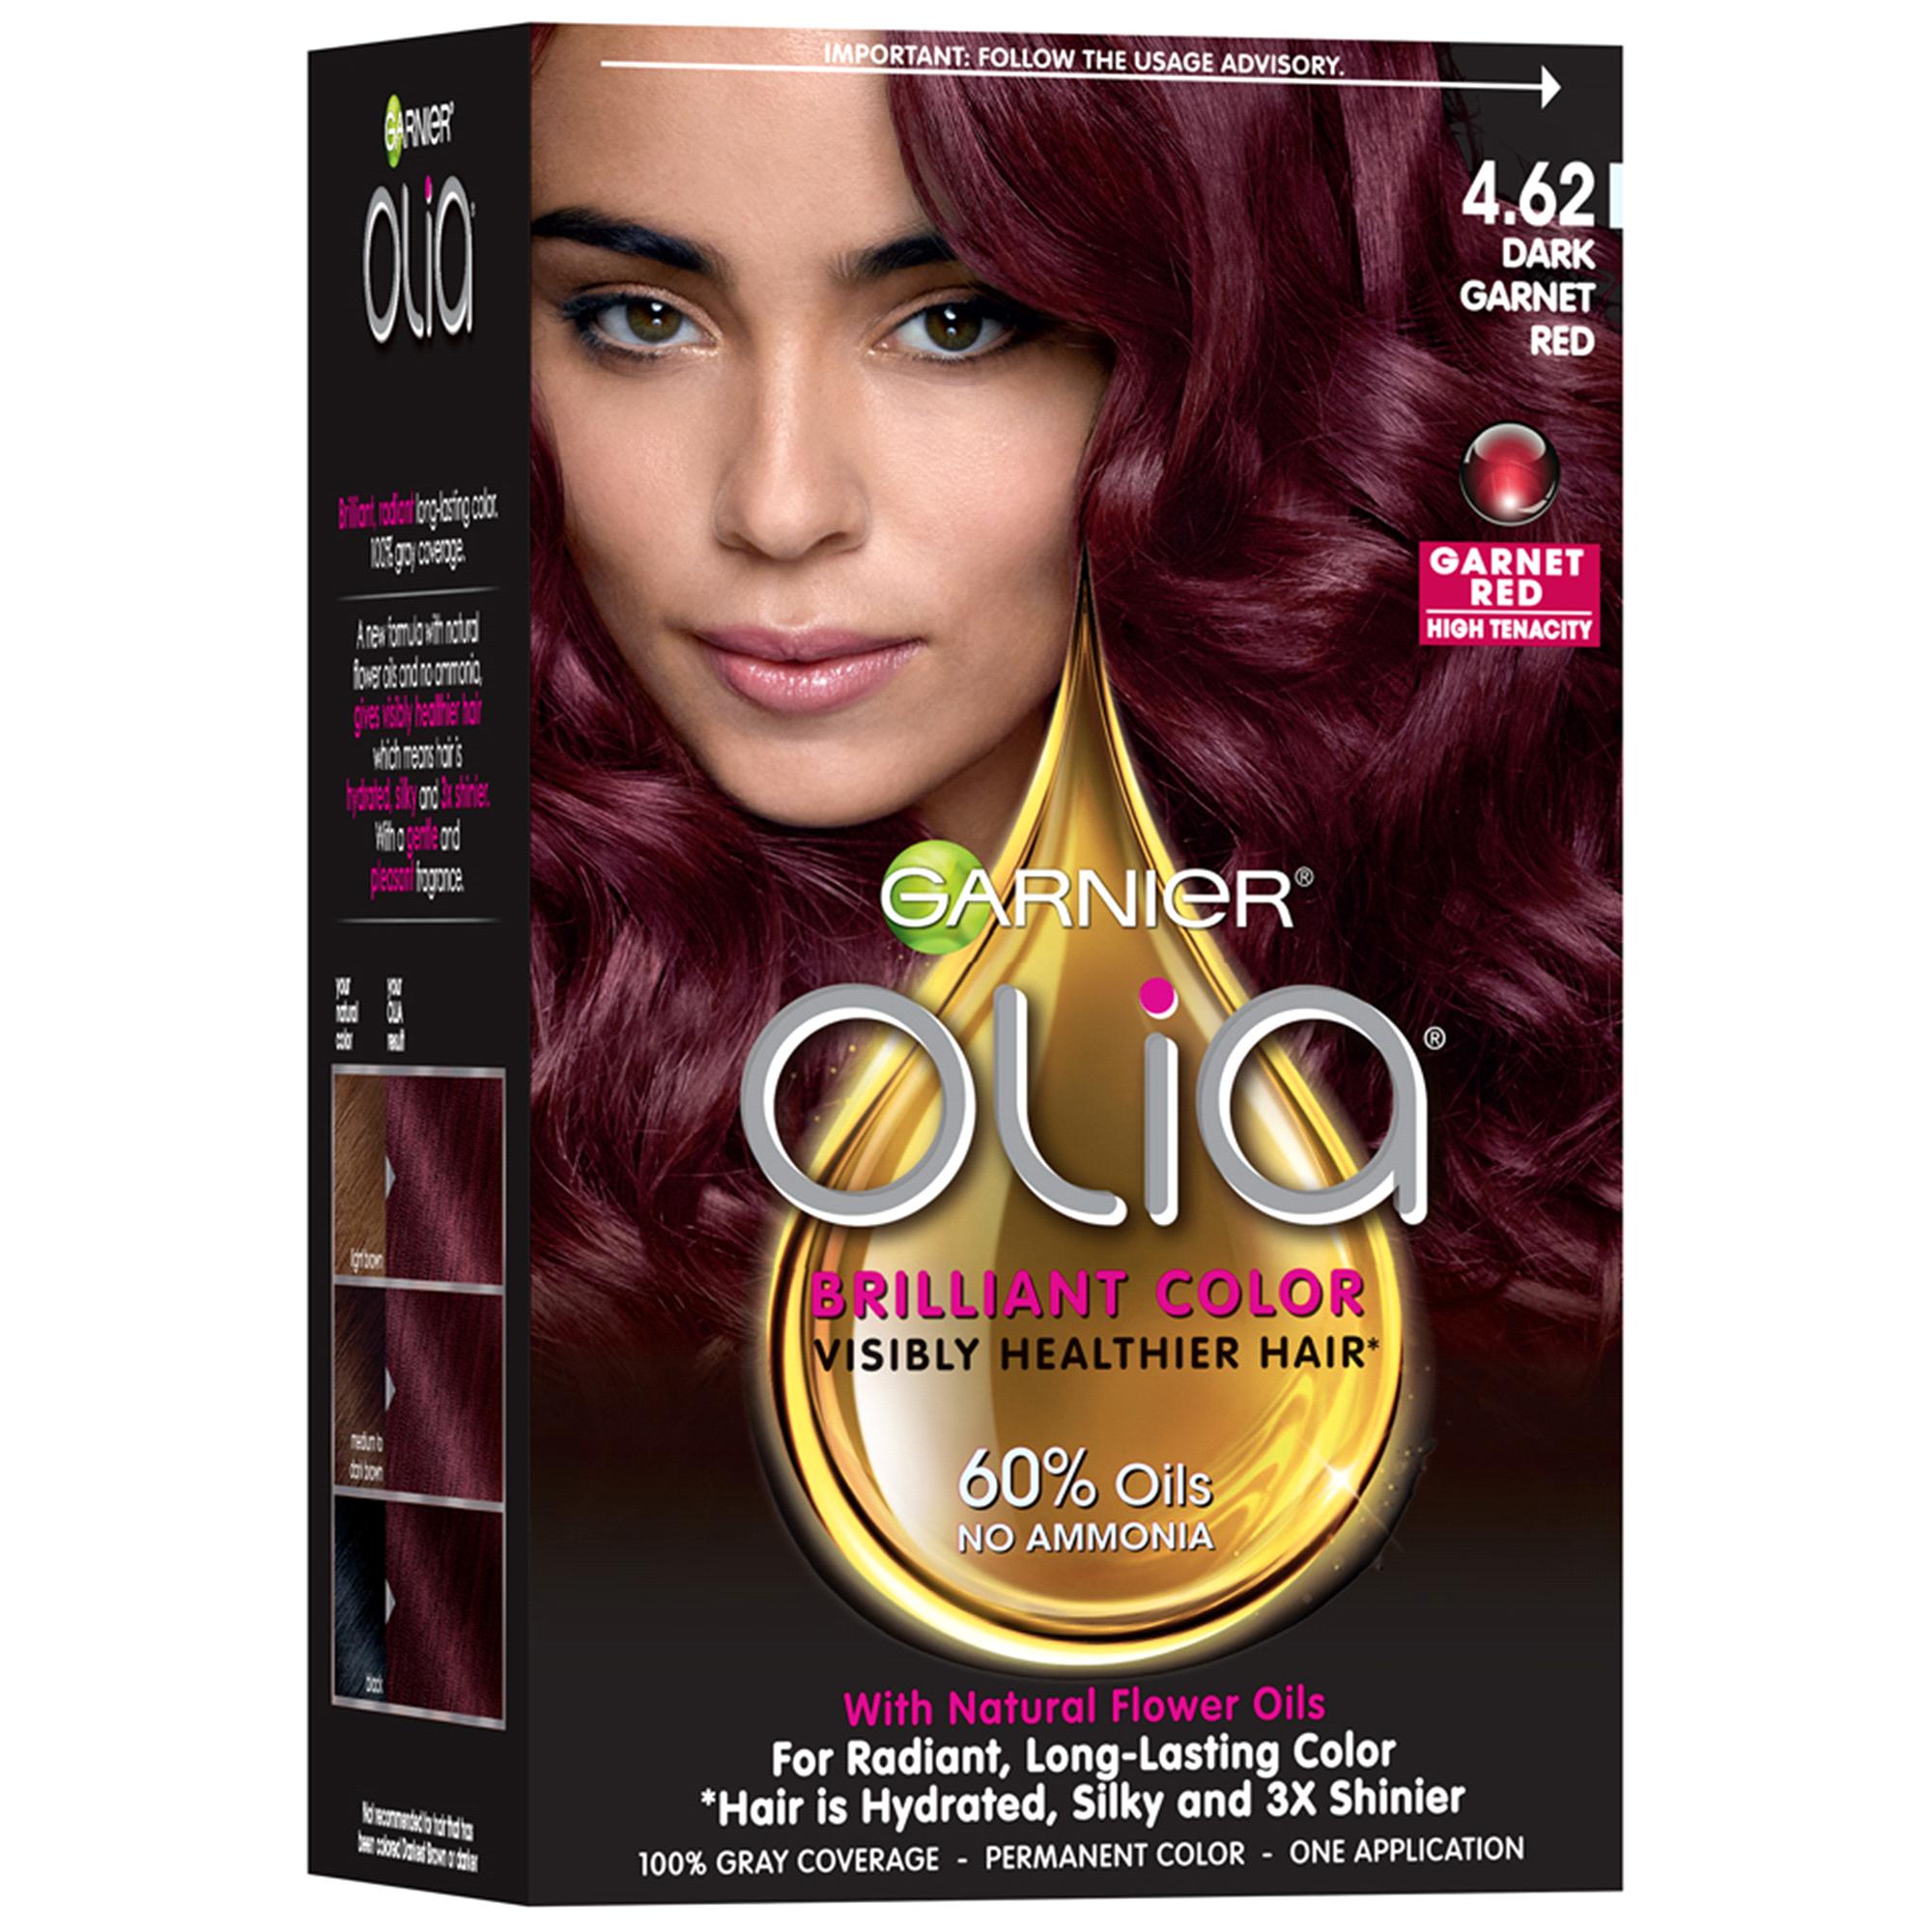 Dark Red Hair Dye From A Box